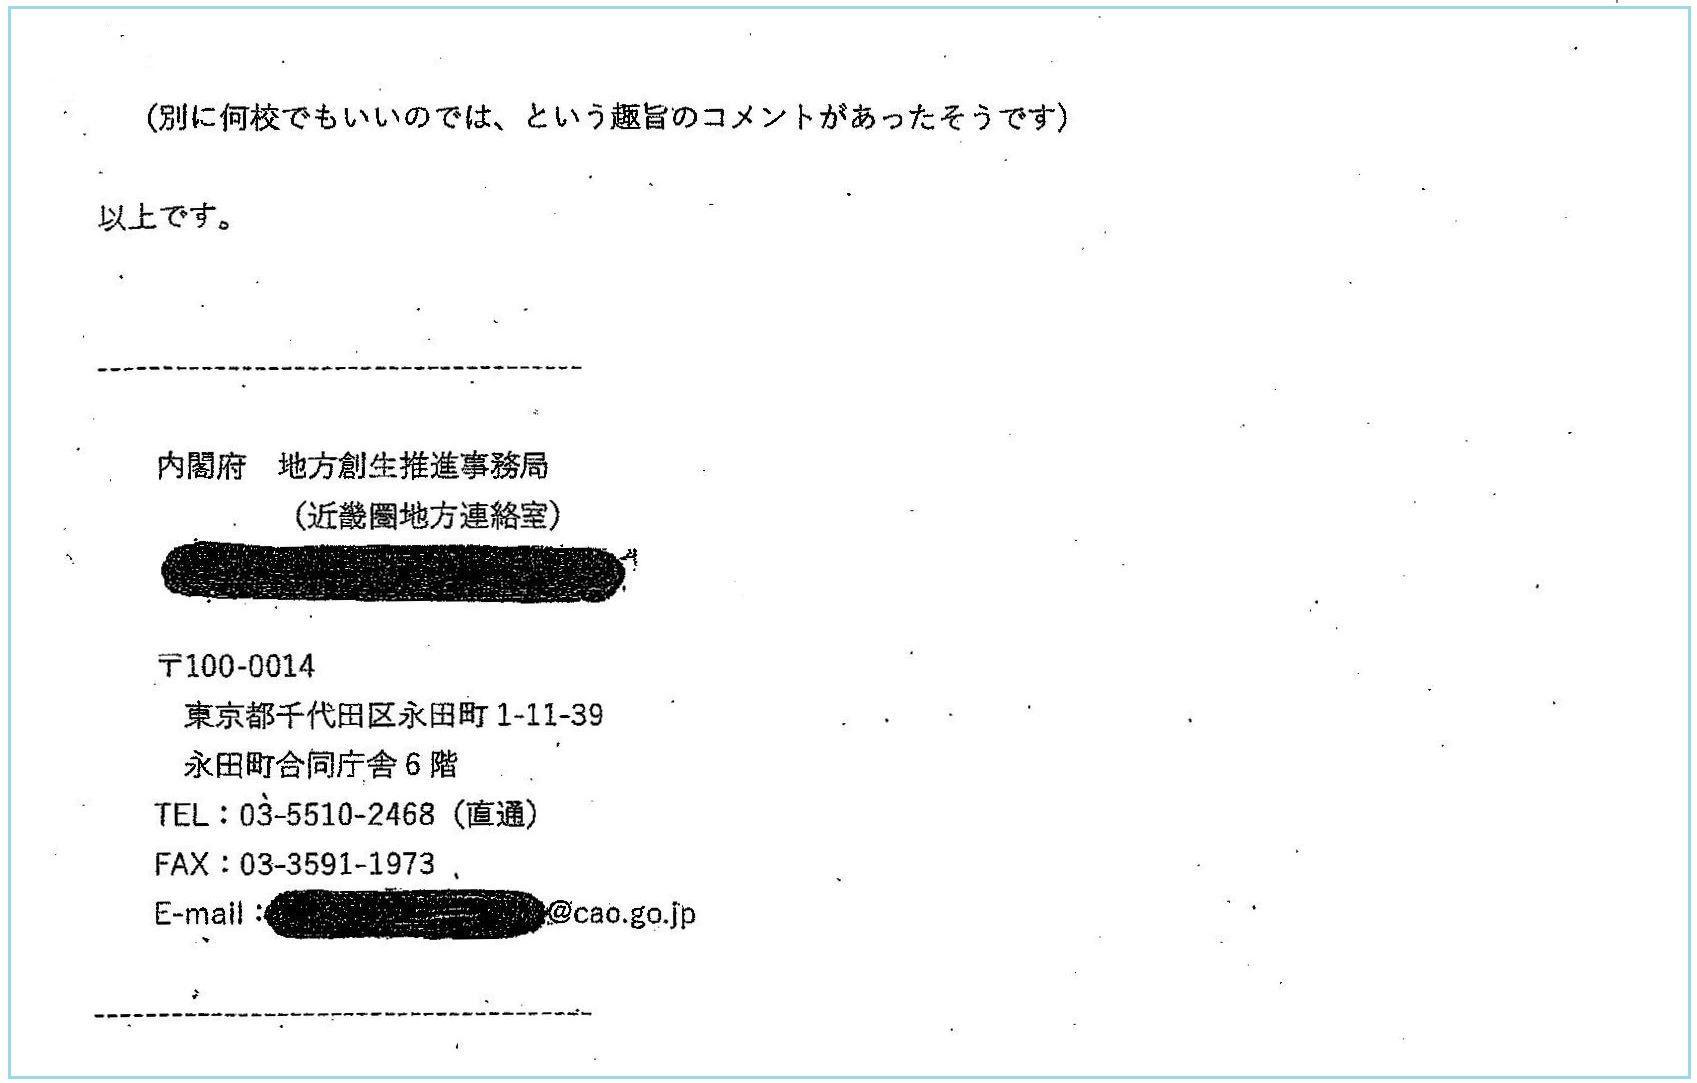 http://hunter-investigate.jp/news/cb7574c7e0386bf40a127a776d05673025787be4.jpg